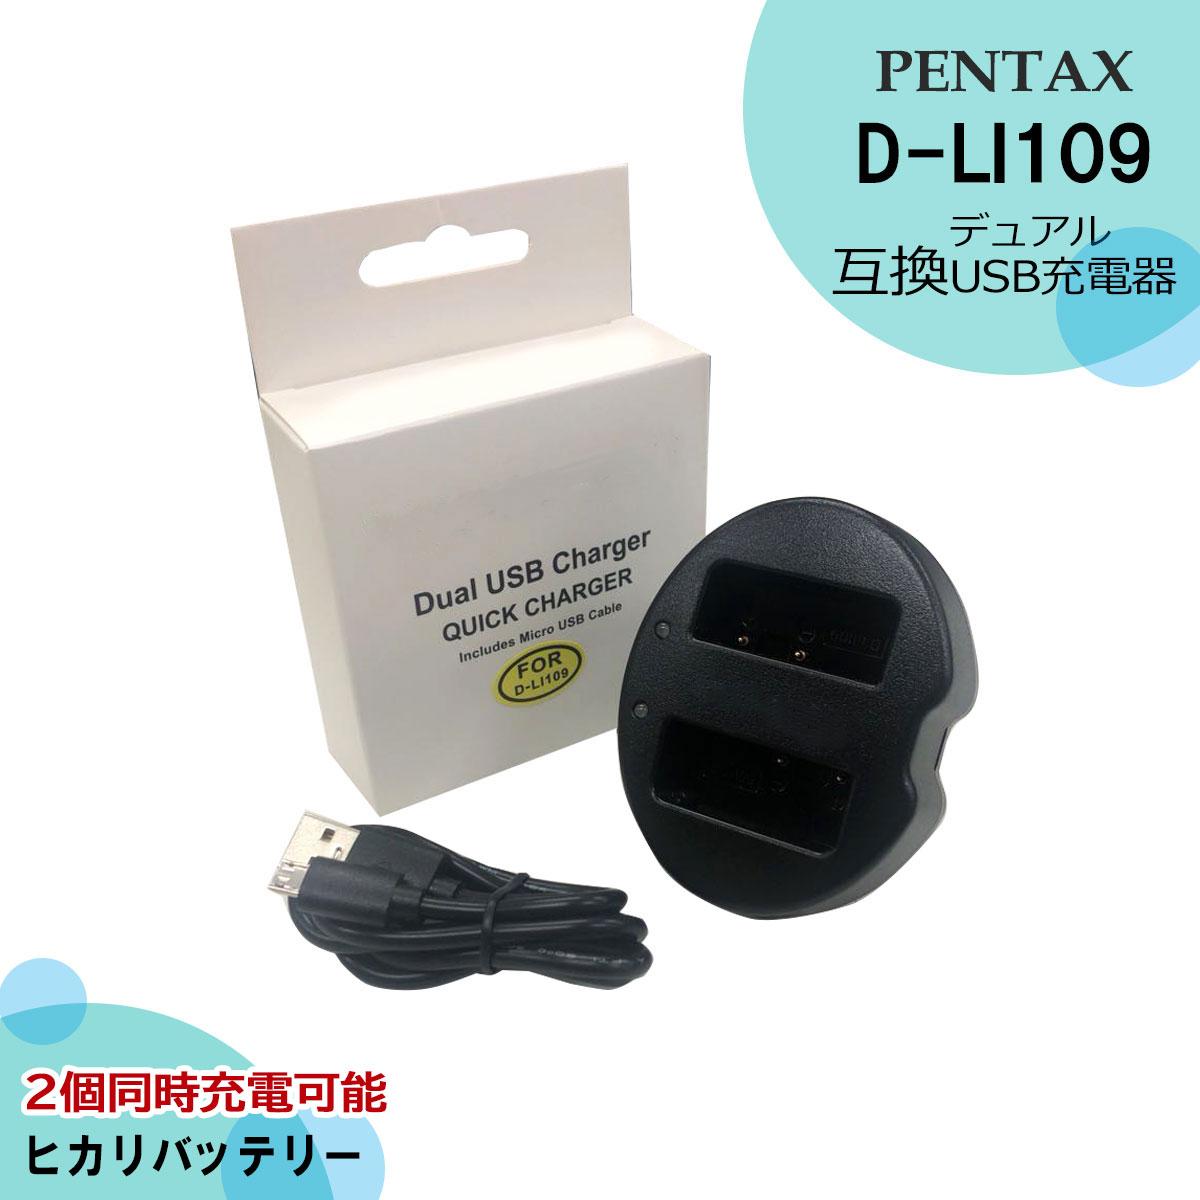 互換充電器 6ヶ月保証 純正品や互換品のバッテリーも充電可能 2個同時充電可能 予約販売品 あす楽対応 ペンタックス PENTAX D-BC109 安い 激安 プチプラ 高品質 D-LI109 用 チャージャー メーカー純正互換共に充電可能 K-50 カメラ対応超軽量 USB急速互換充電器カメラ バッテリー K-30 K-S2 K-r デュアル